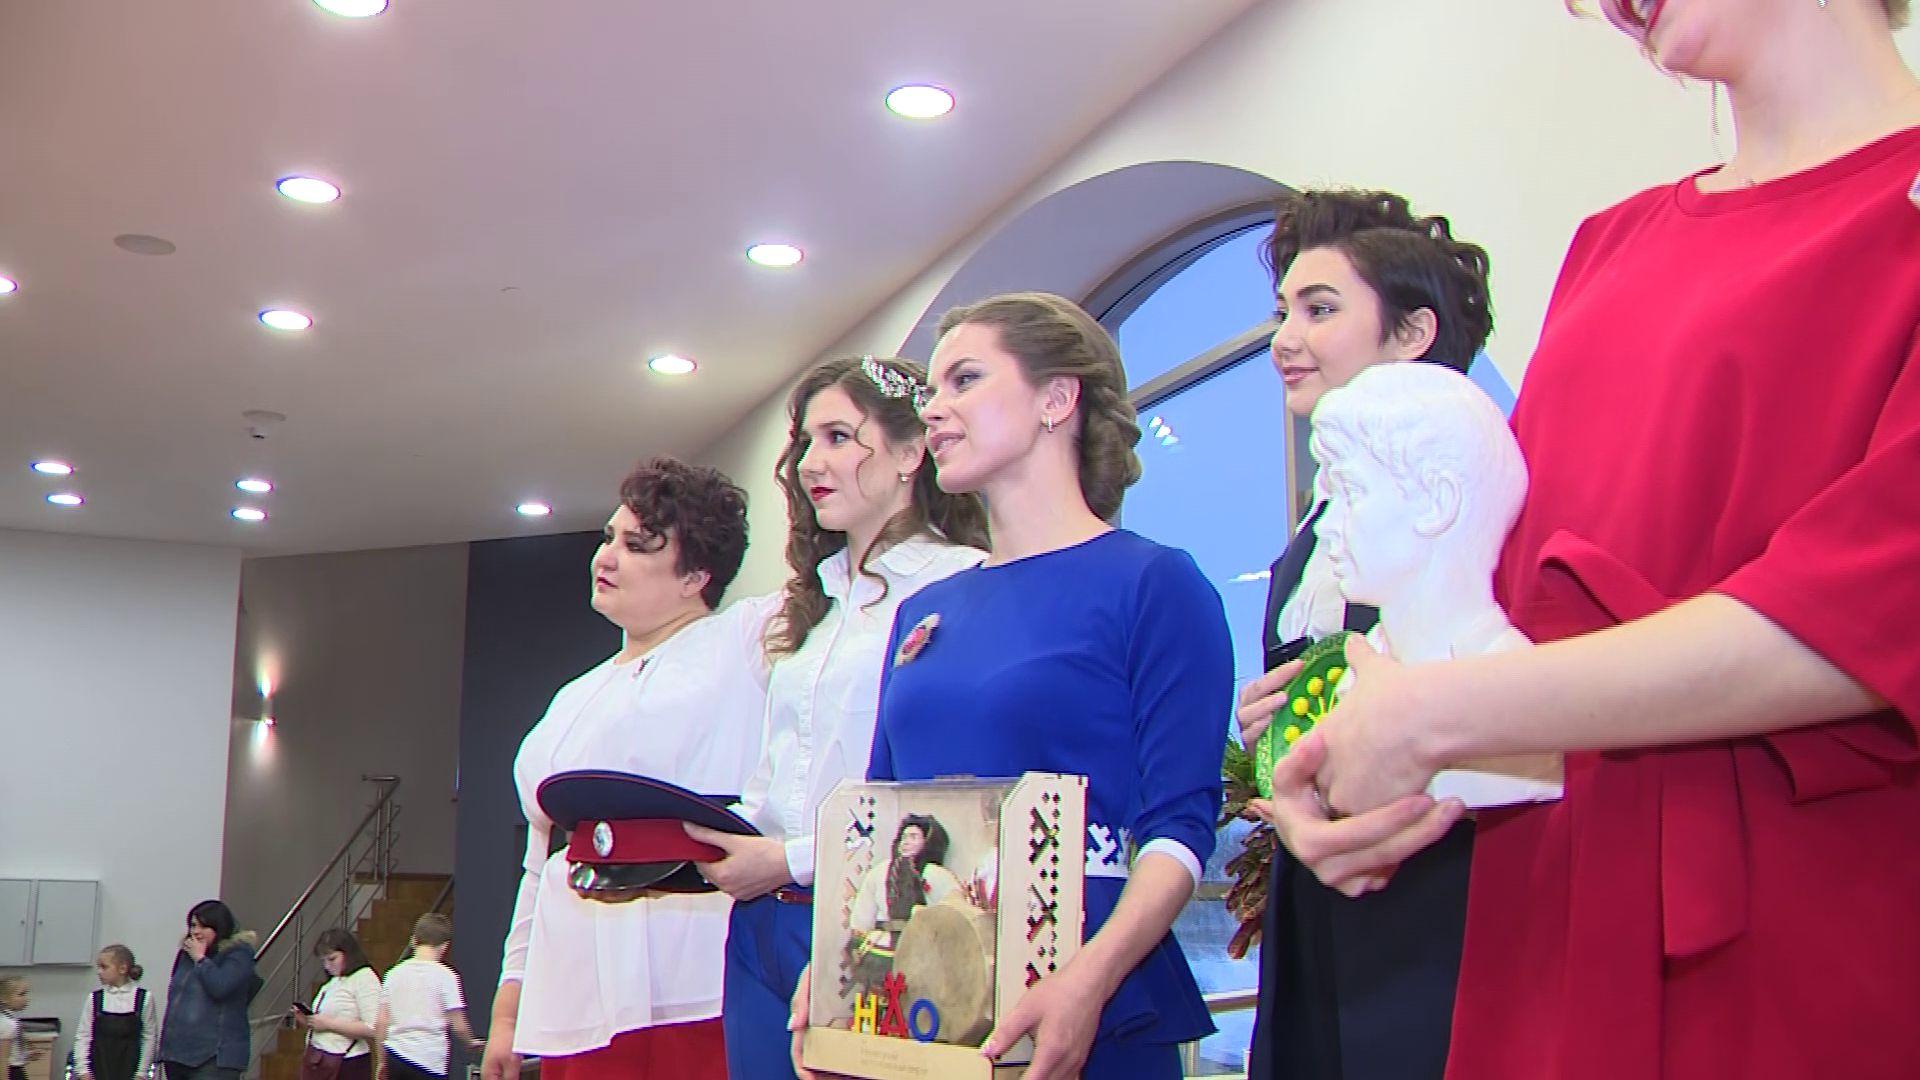 В Ярославле определились с лучшей «чайкой»: на конкурс приехали десять участниц со всей страны